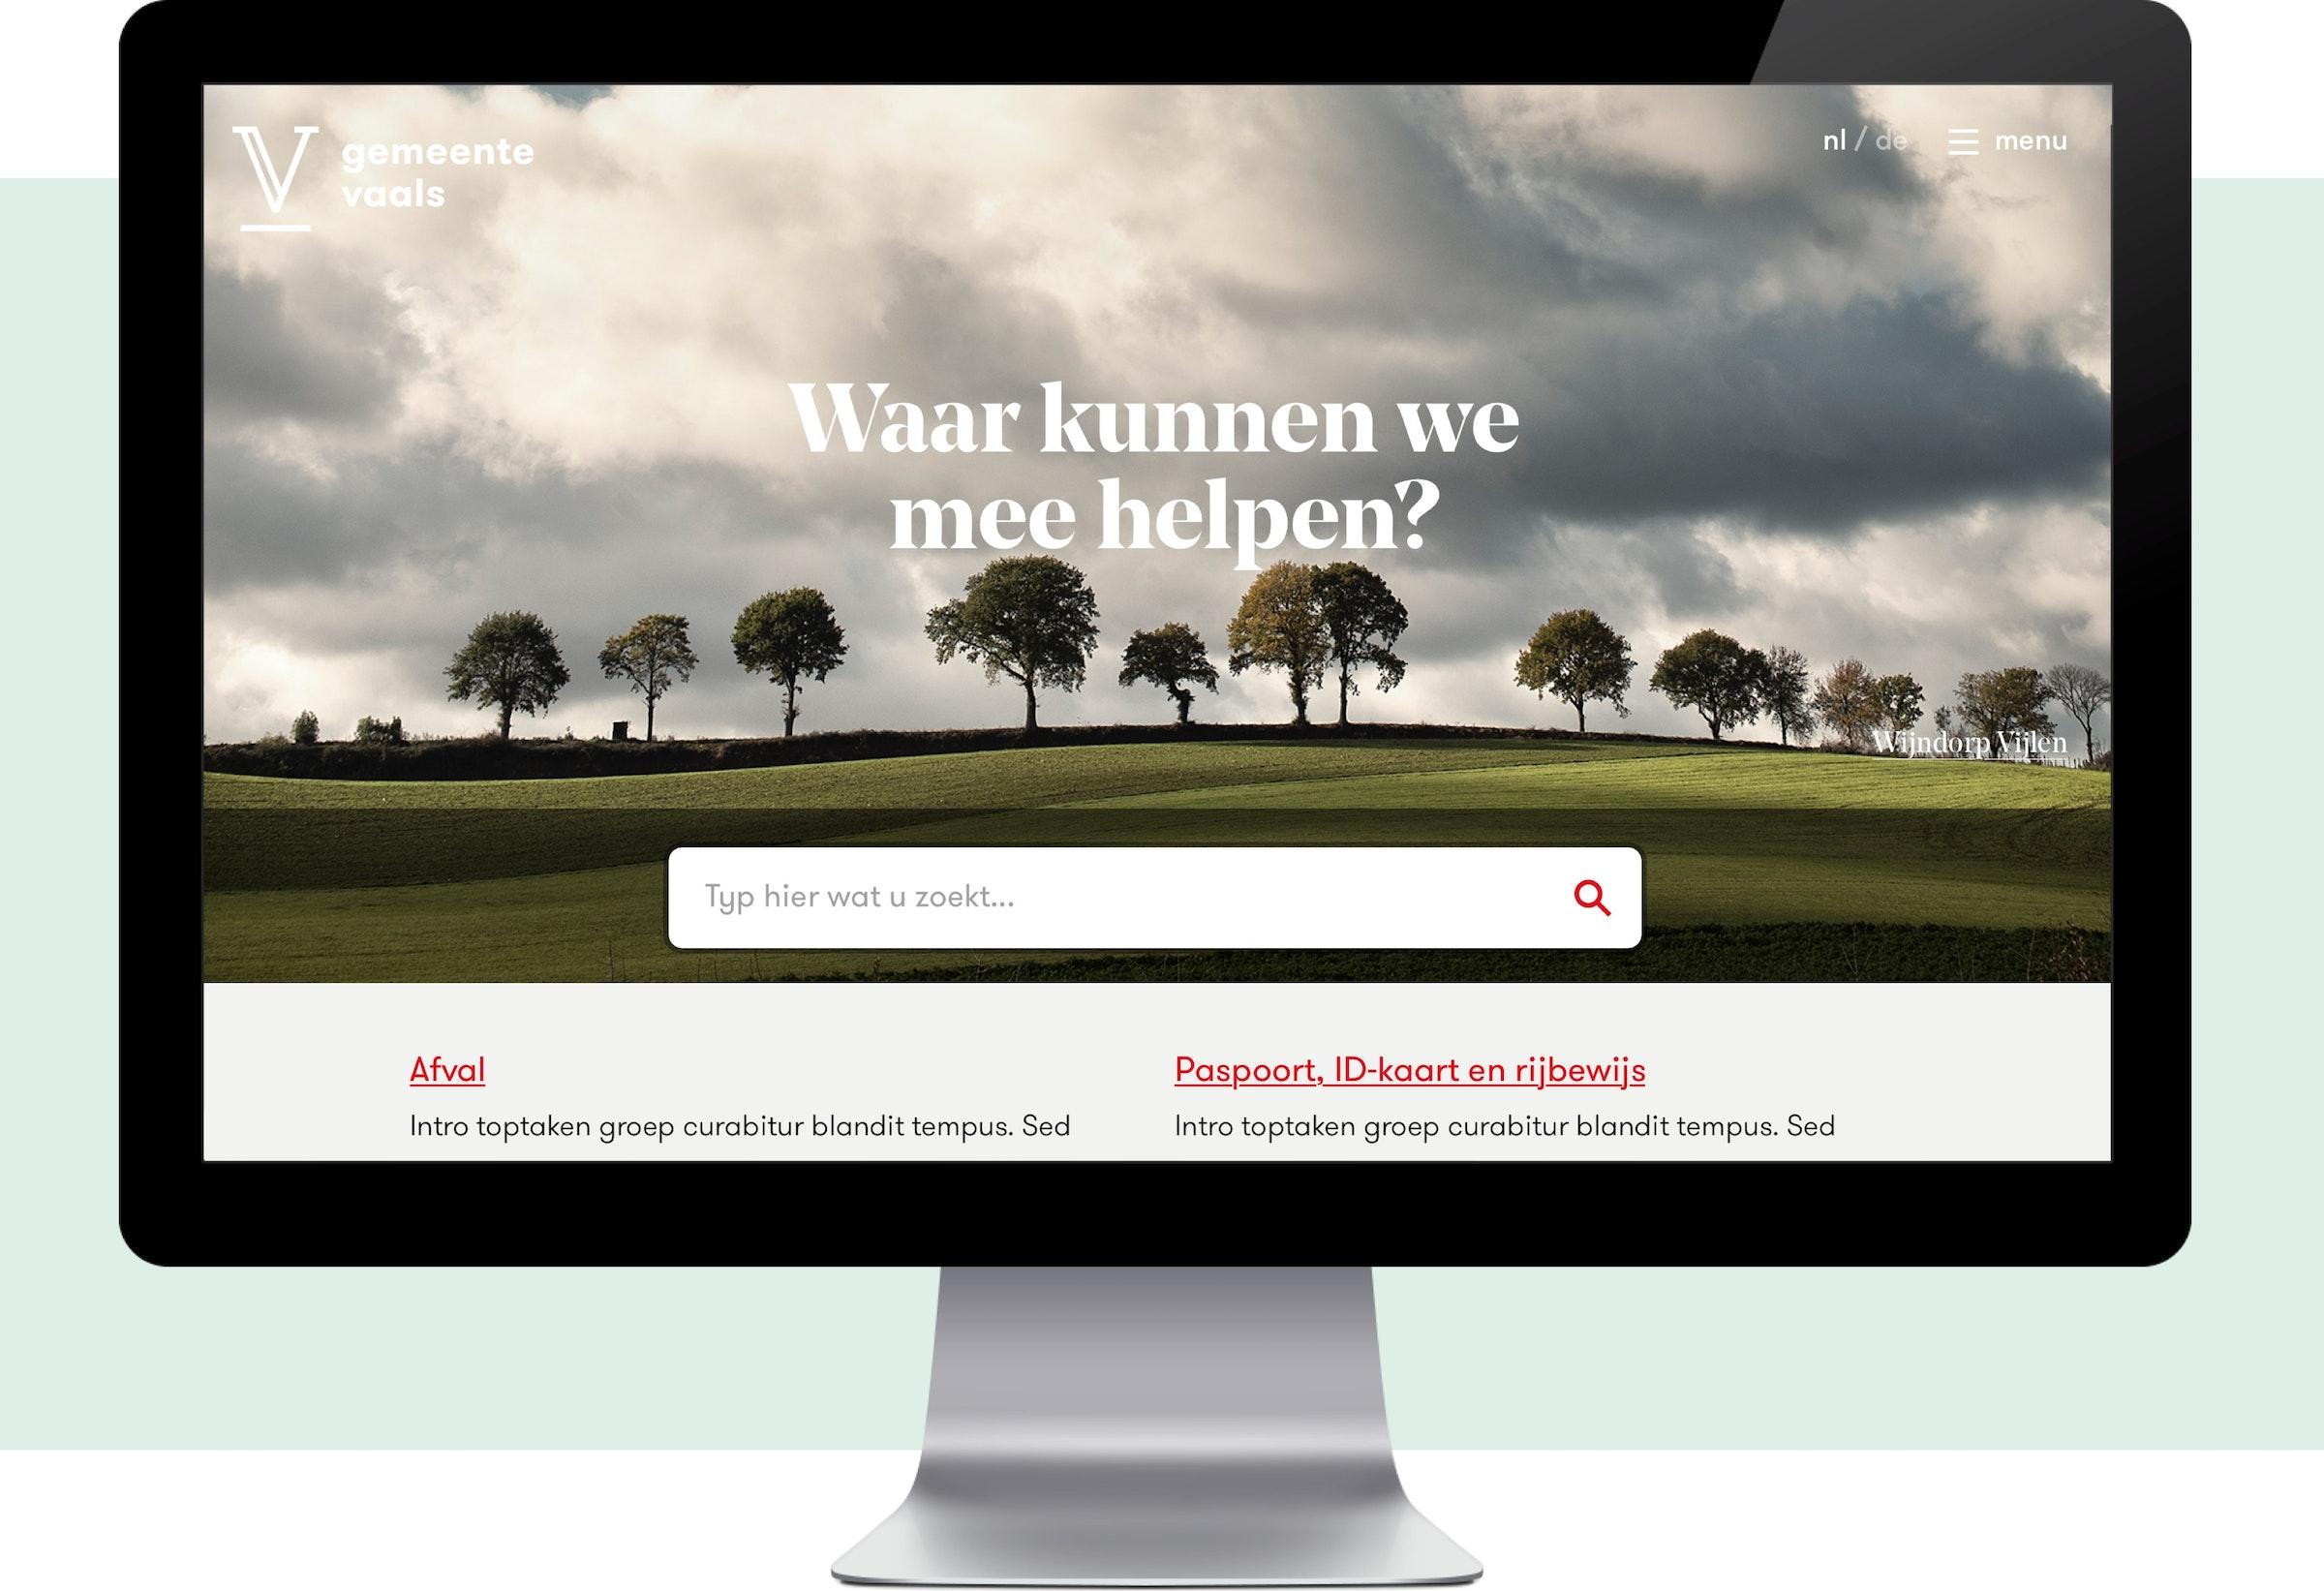 Vaals Website